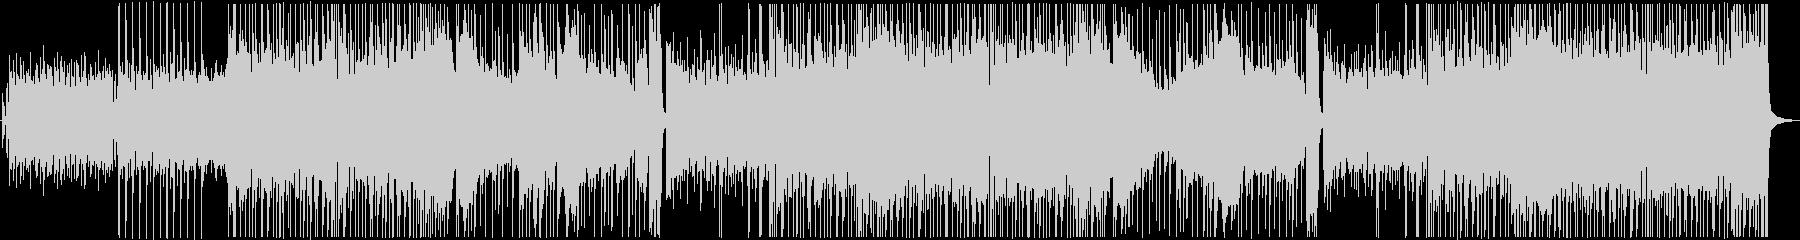 ドラムとベースのロックなBGMの未再生の波形